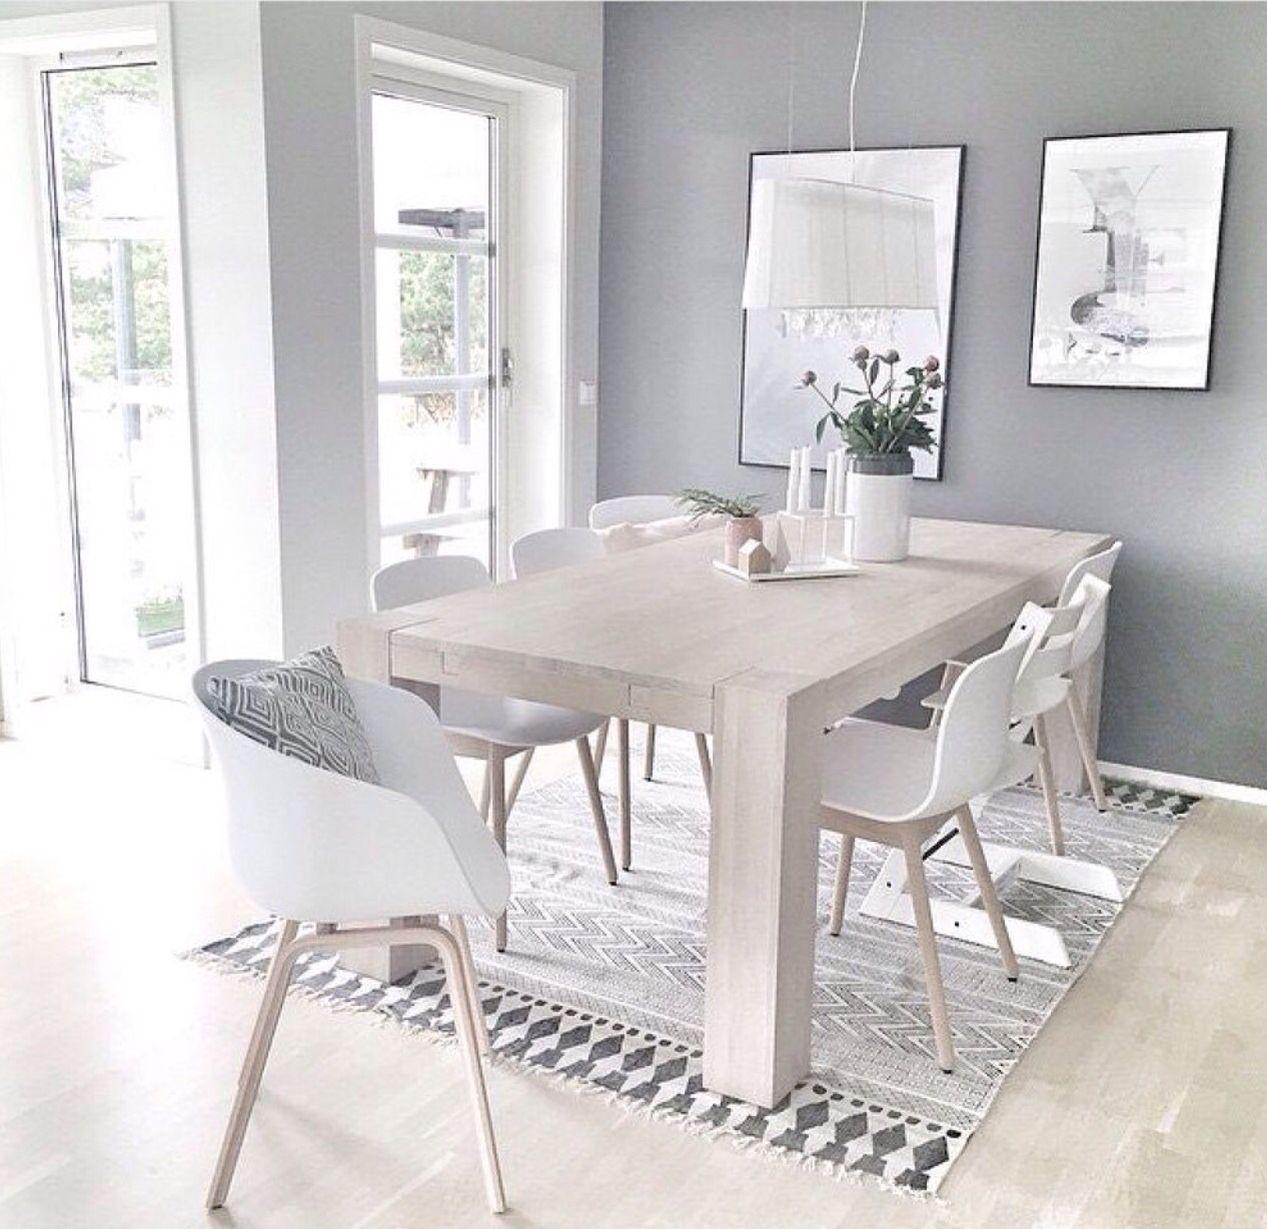 dining table styling. | Comedores | Comedor minimalista, Decoración ...